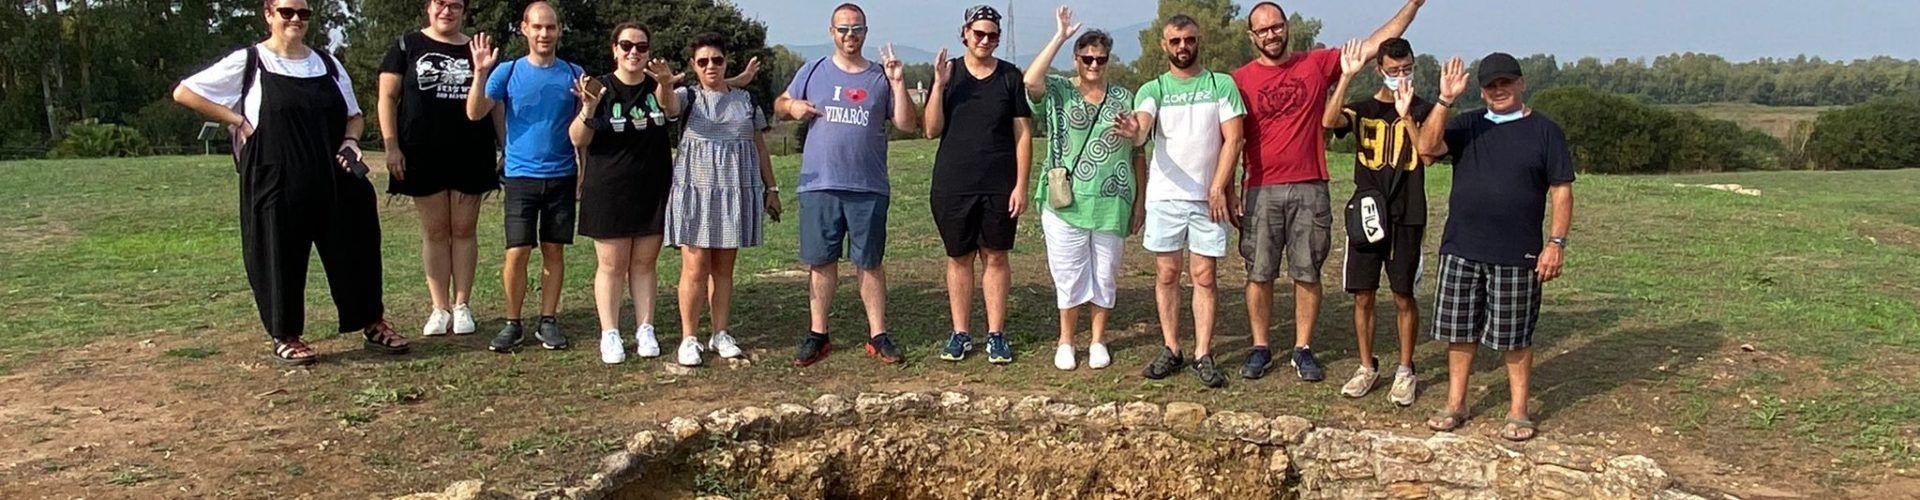 Fotos: Visita turística dels nanos i gegants a l'Alguer